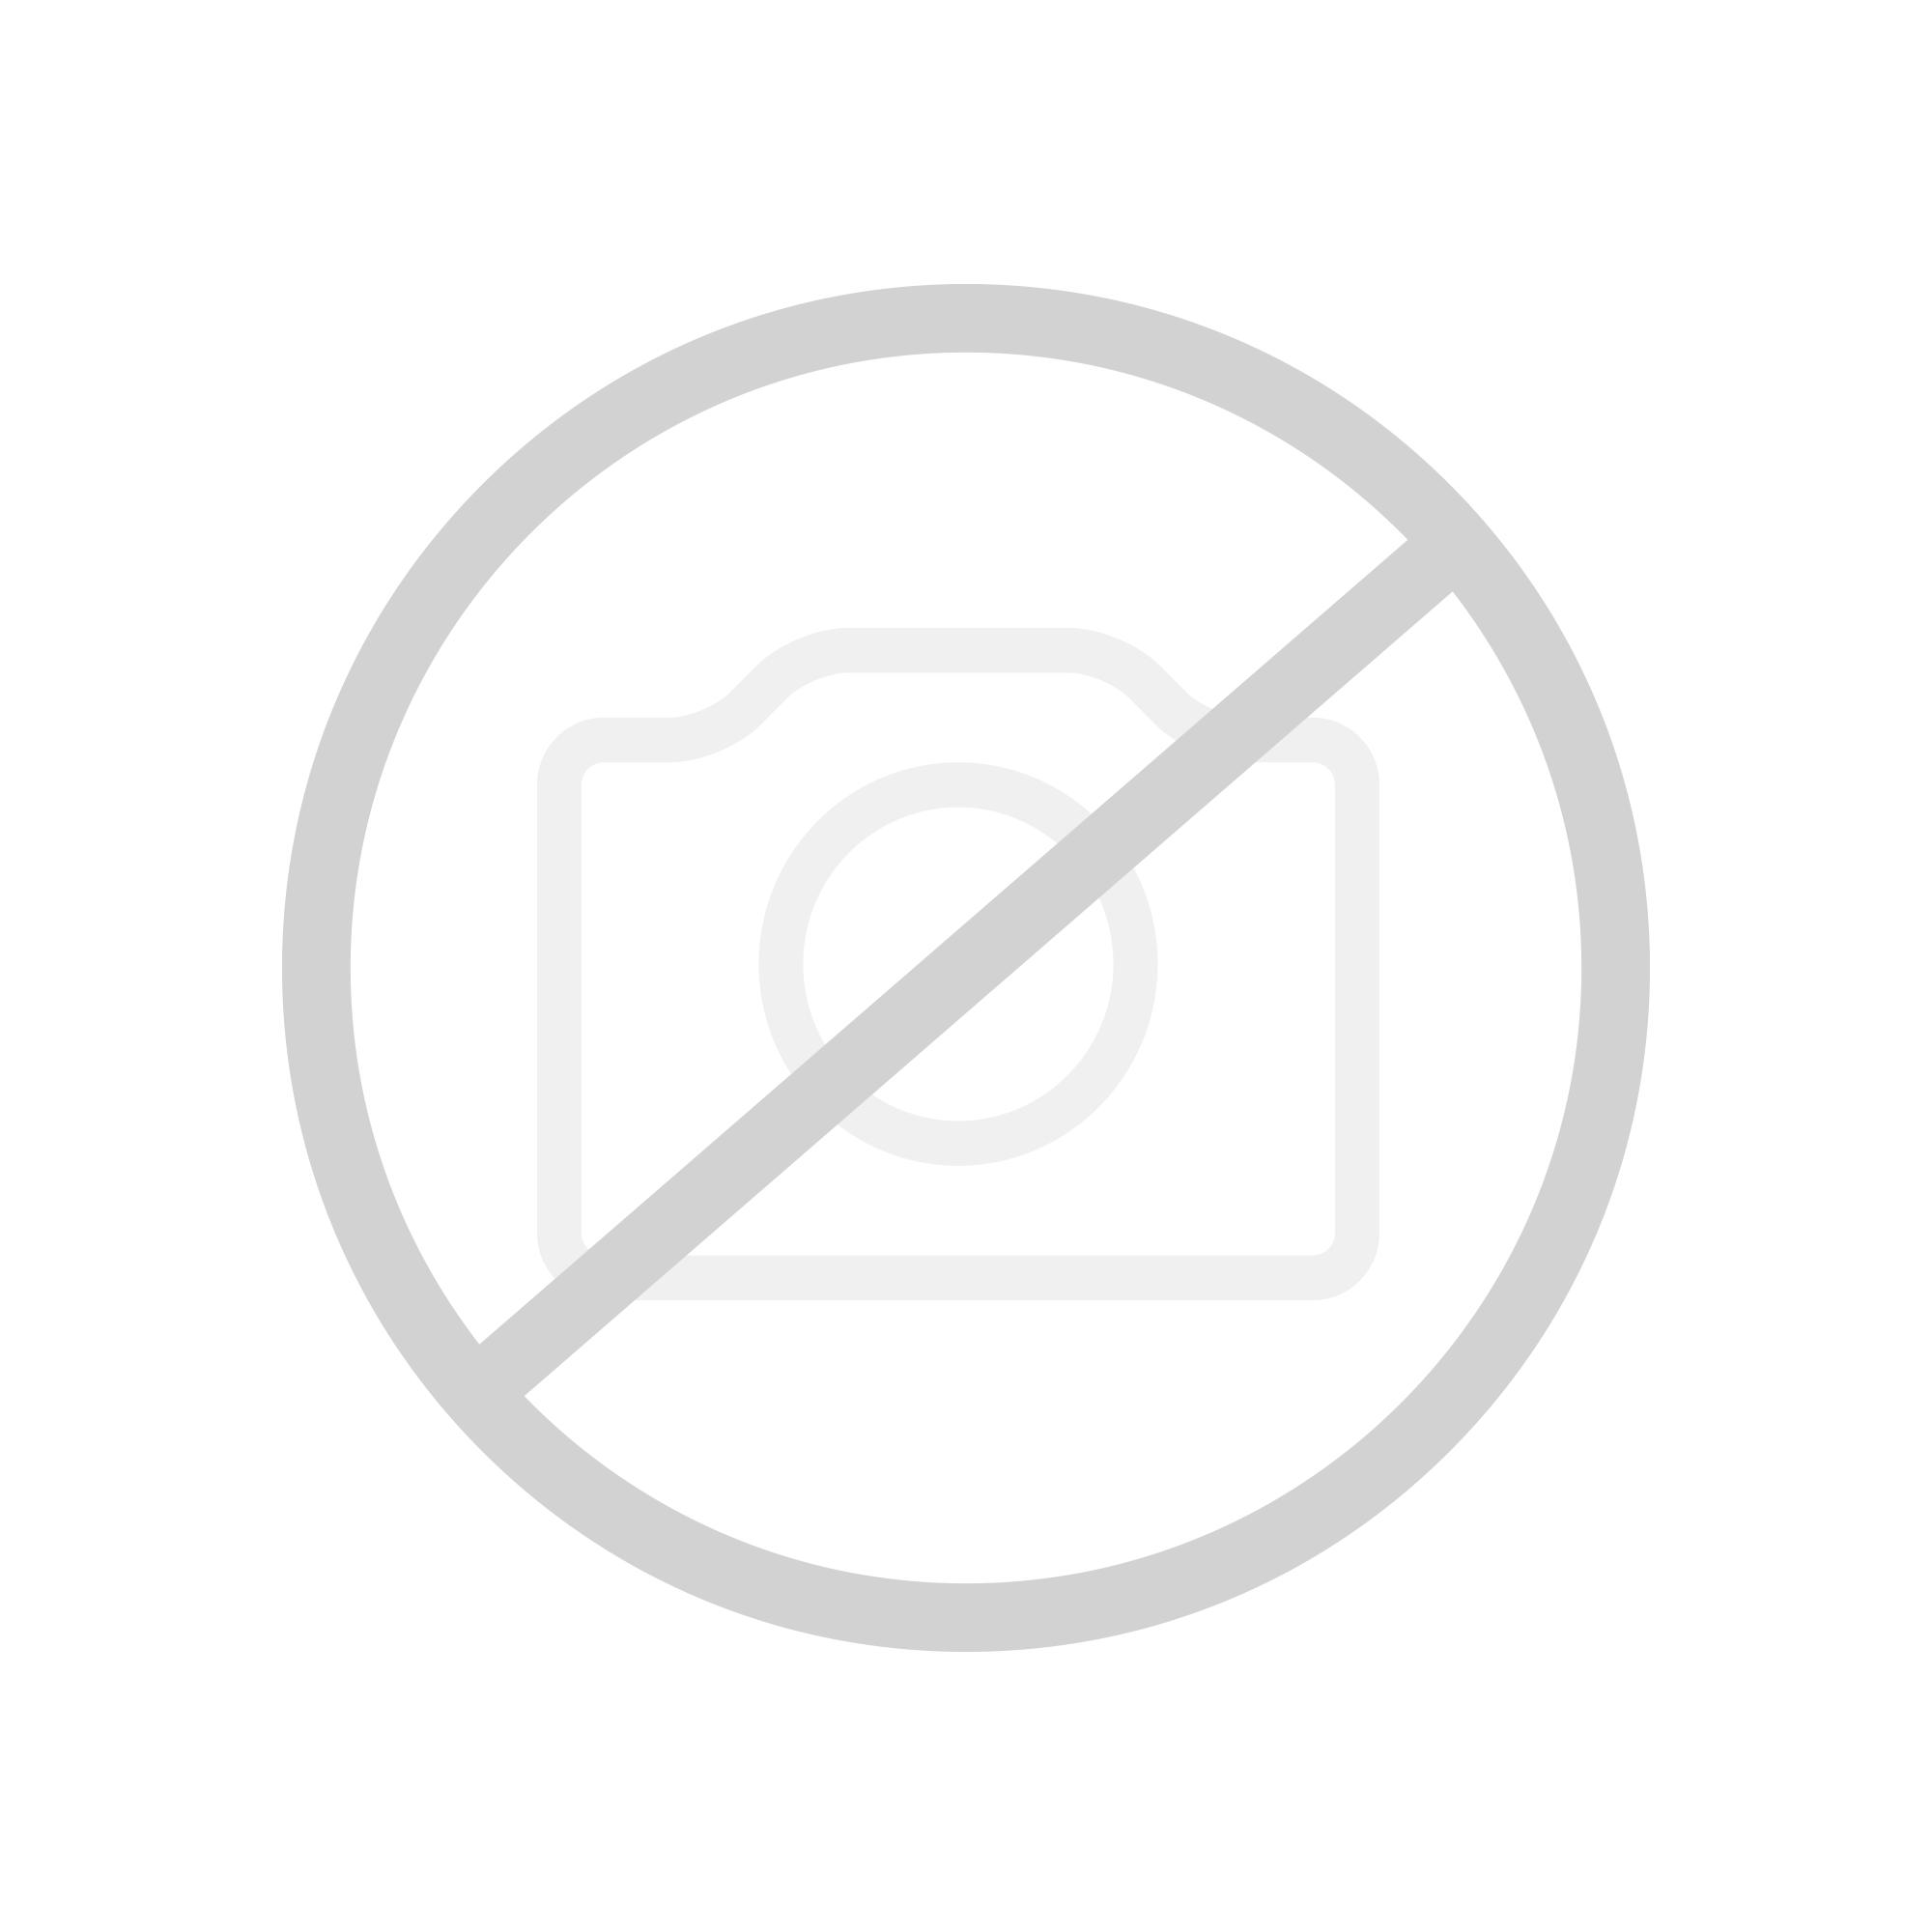 Hansgrohe Focus Elektronik-Waschtischmischer mit Temperaturvoreinstellung, Batteriebetrieb ohne Ablaufgarnitur